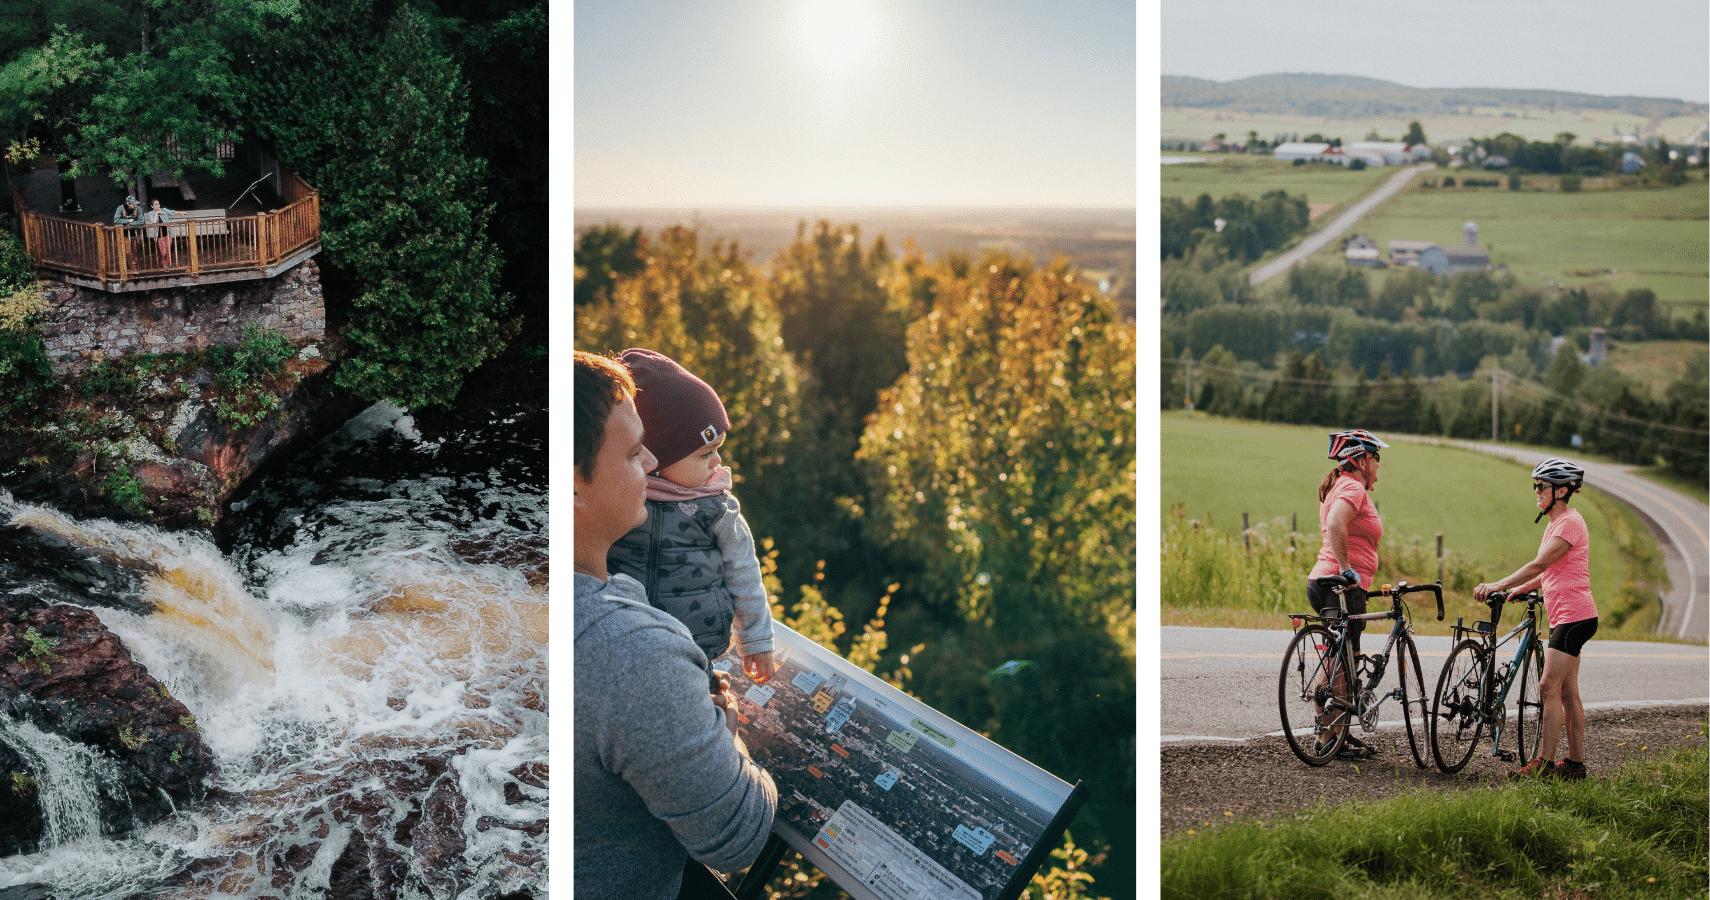 Prenez le temps de découvrir des paysages à couper le souffle - Crédits photos: Les Maximes